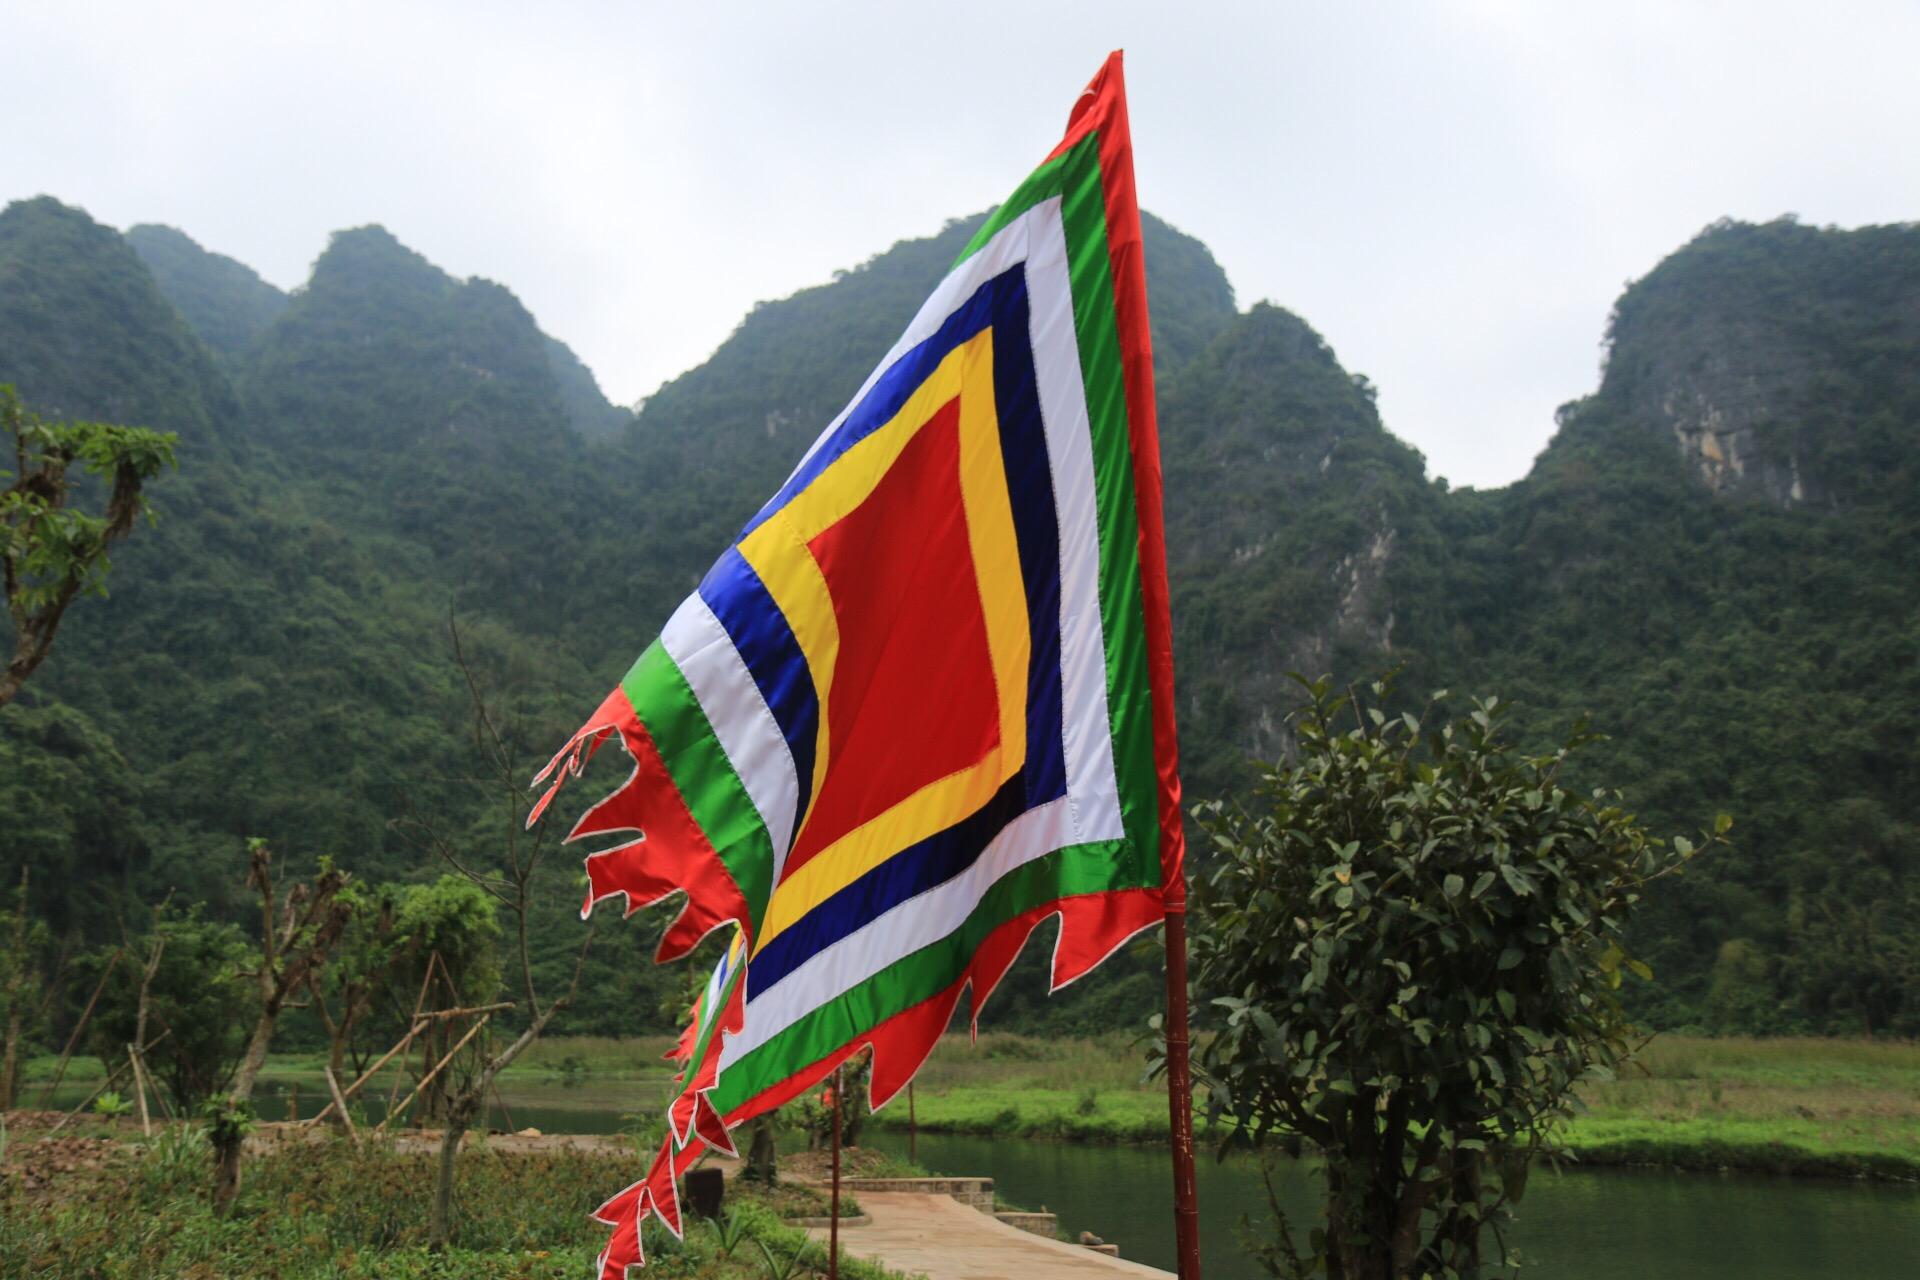 Für was diese Fahne stand muss ich noch rausfinden. Wisst ihr es vielleicht?